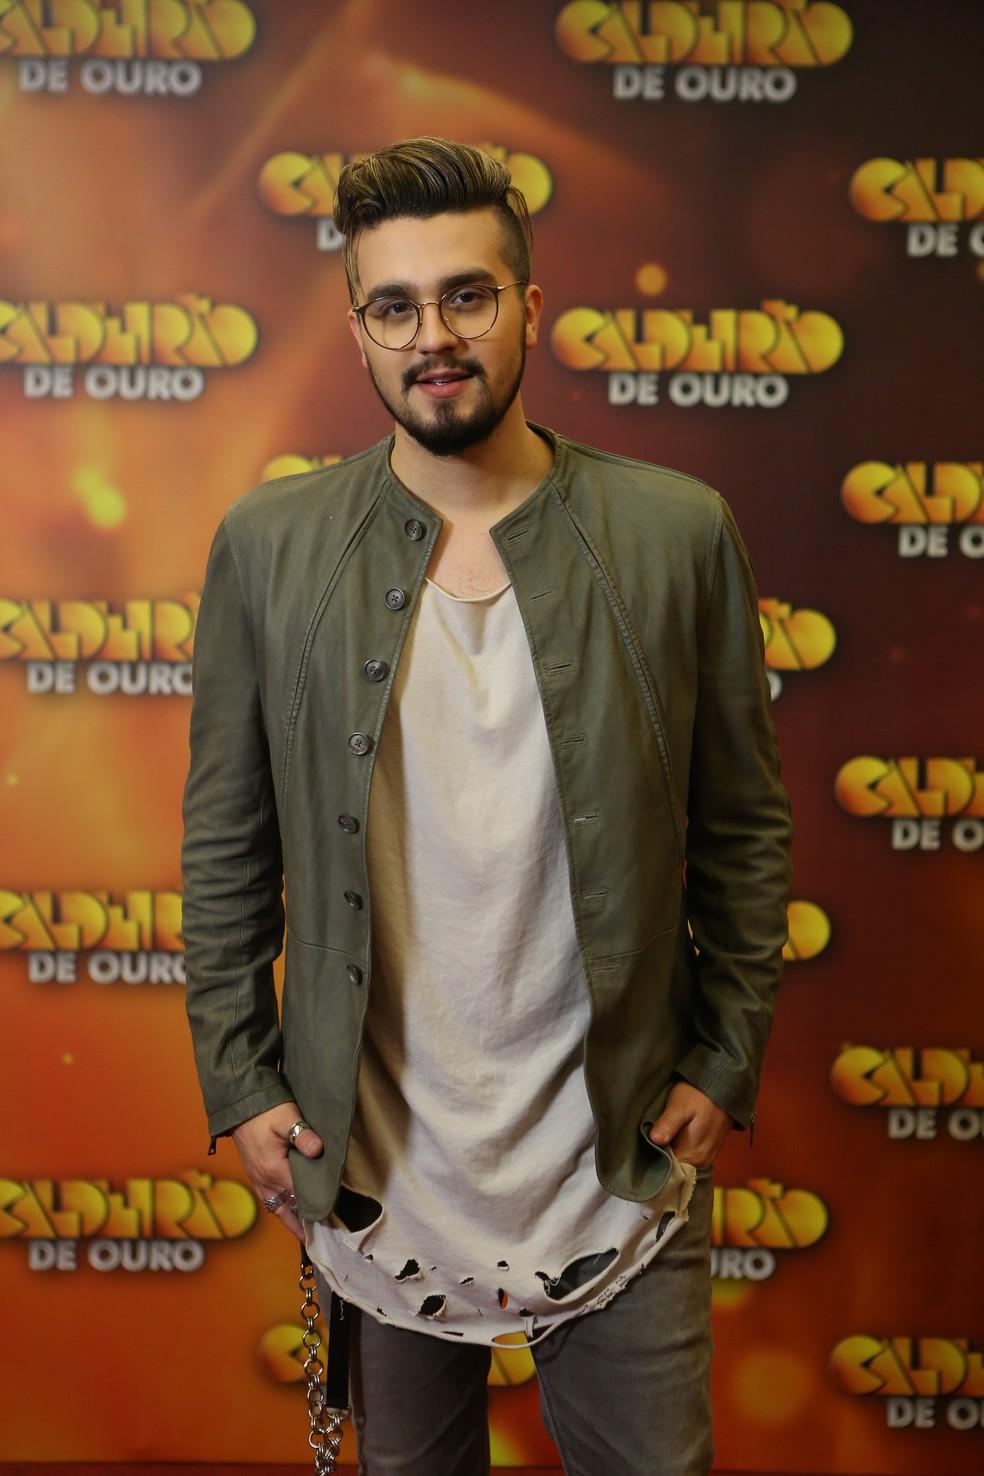 Luan Santana arrasa na gravação do 'Caldeirão de Ouro' (Foto: Isabella Pinheiro/Gshow)